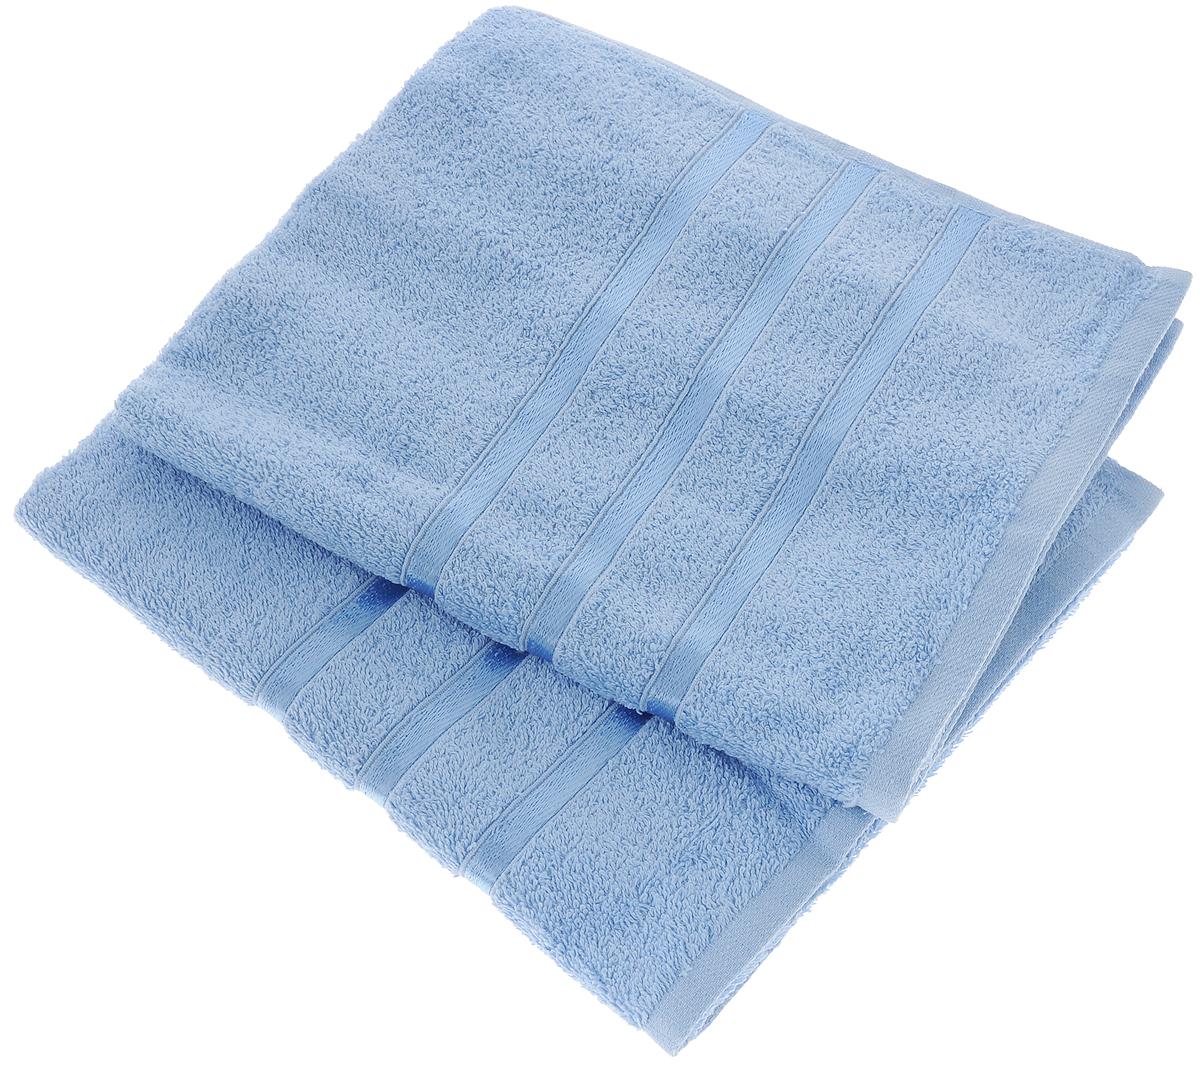 Набор полотенец Tete-a-Tete Ленты, цвет: голубой, 50 х 85 см, 2 штУНП-101-18-2кНабор Tete-a-Tete Ленты состоит из двух махровых полотенец, выполненных из натурального 100% хлопка. Бордюр полотенец декорирован лентами. Изделия мягкие, отлично впитывают влагу, быстро сохнут, сохраняют яркость цвета и не теряют форму даже после многократных стирок. Полотенца Tete-a-Tete Ленты очень практичны и неприхотливы в уходе. Они легко впишутся в любой интерьер благодаря своей нежной цветовой гамме. Набор упакован в красивую коробку и может послужить отличной идеей для подарка.Размер полотенец: 50 х 85 см.